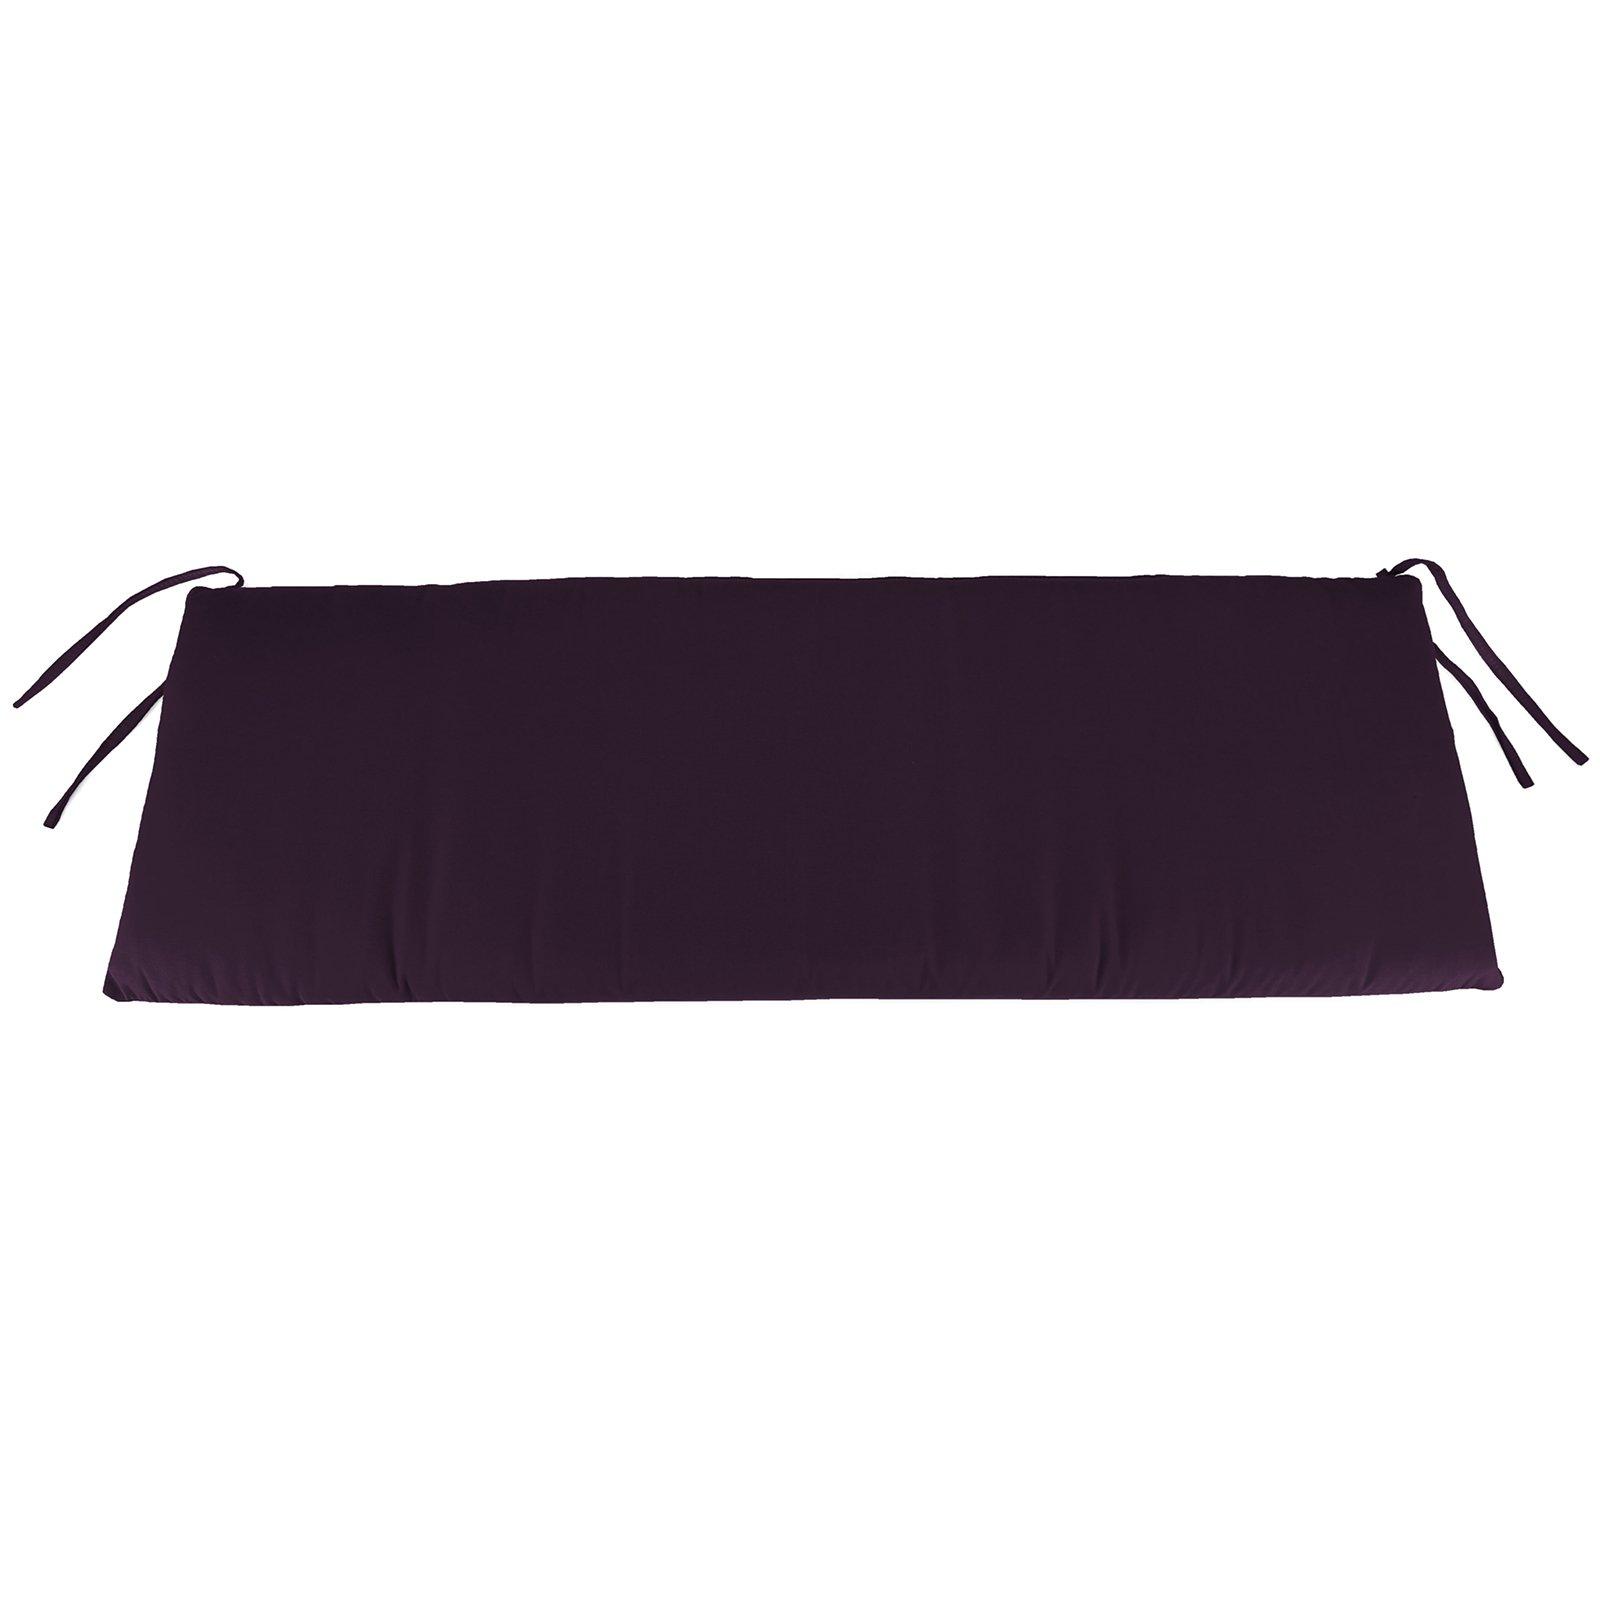 Jordan Manufacturing Sunbrella 45 x 15 in. Bench Cushion